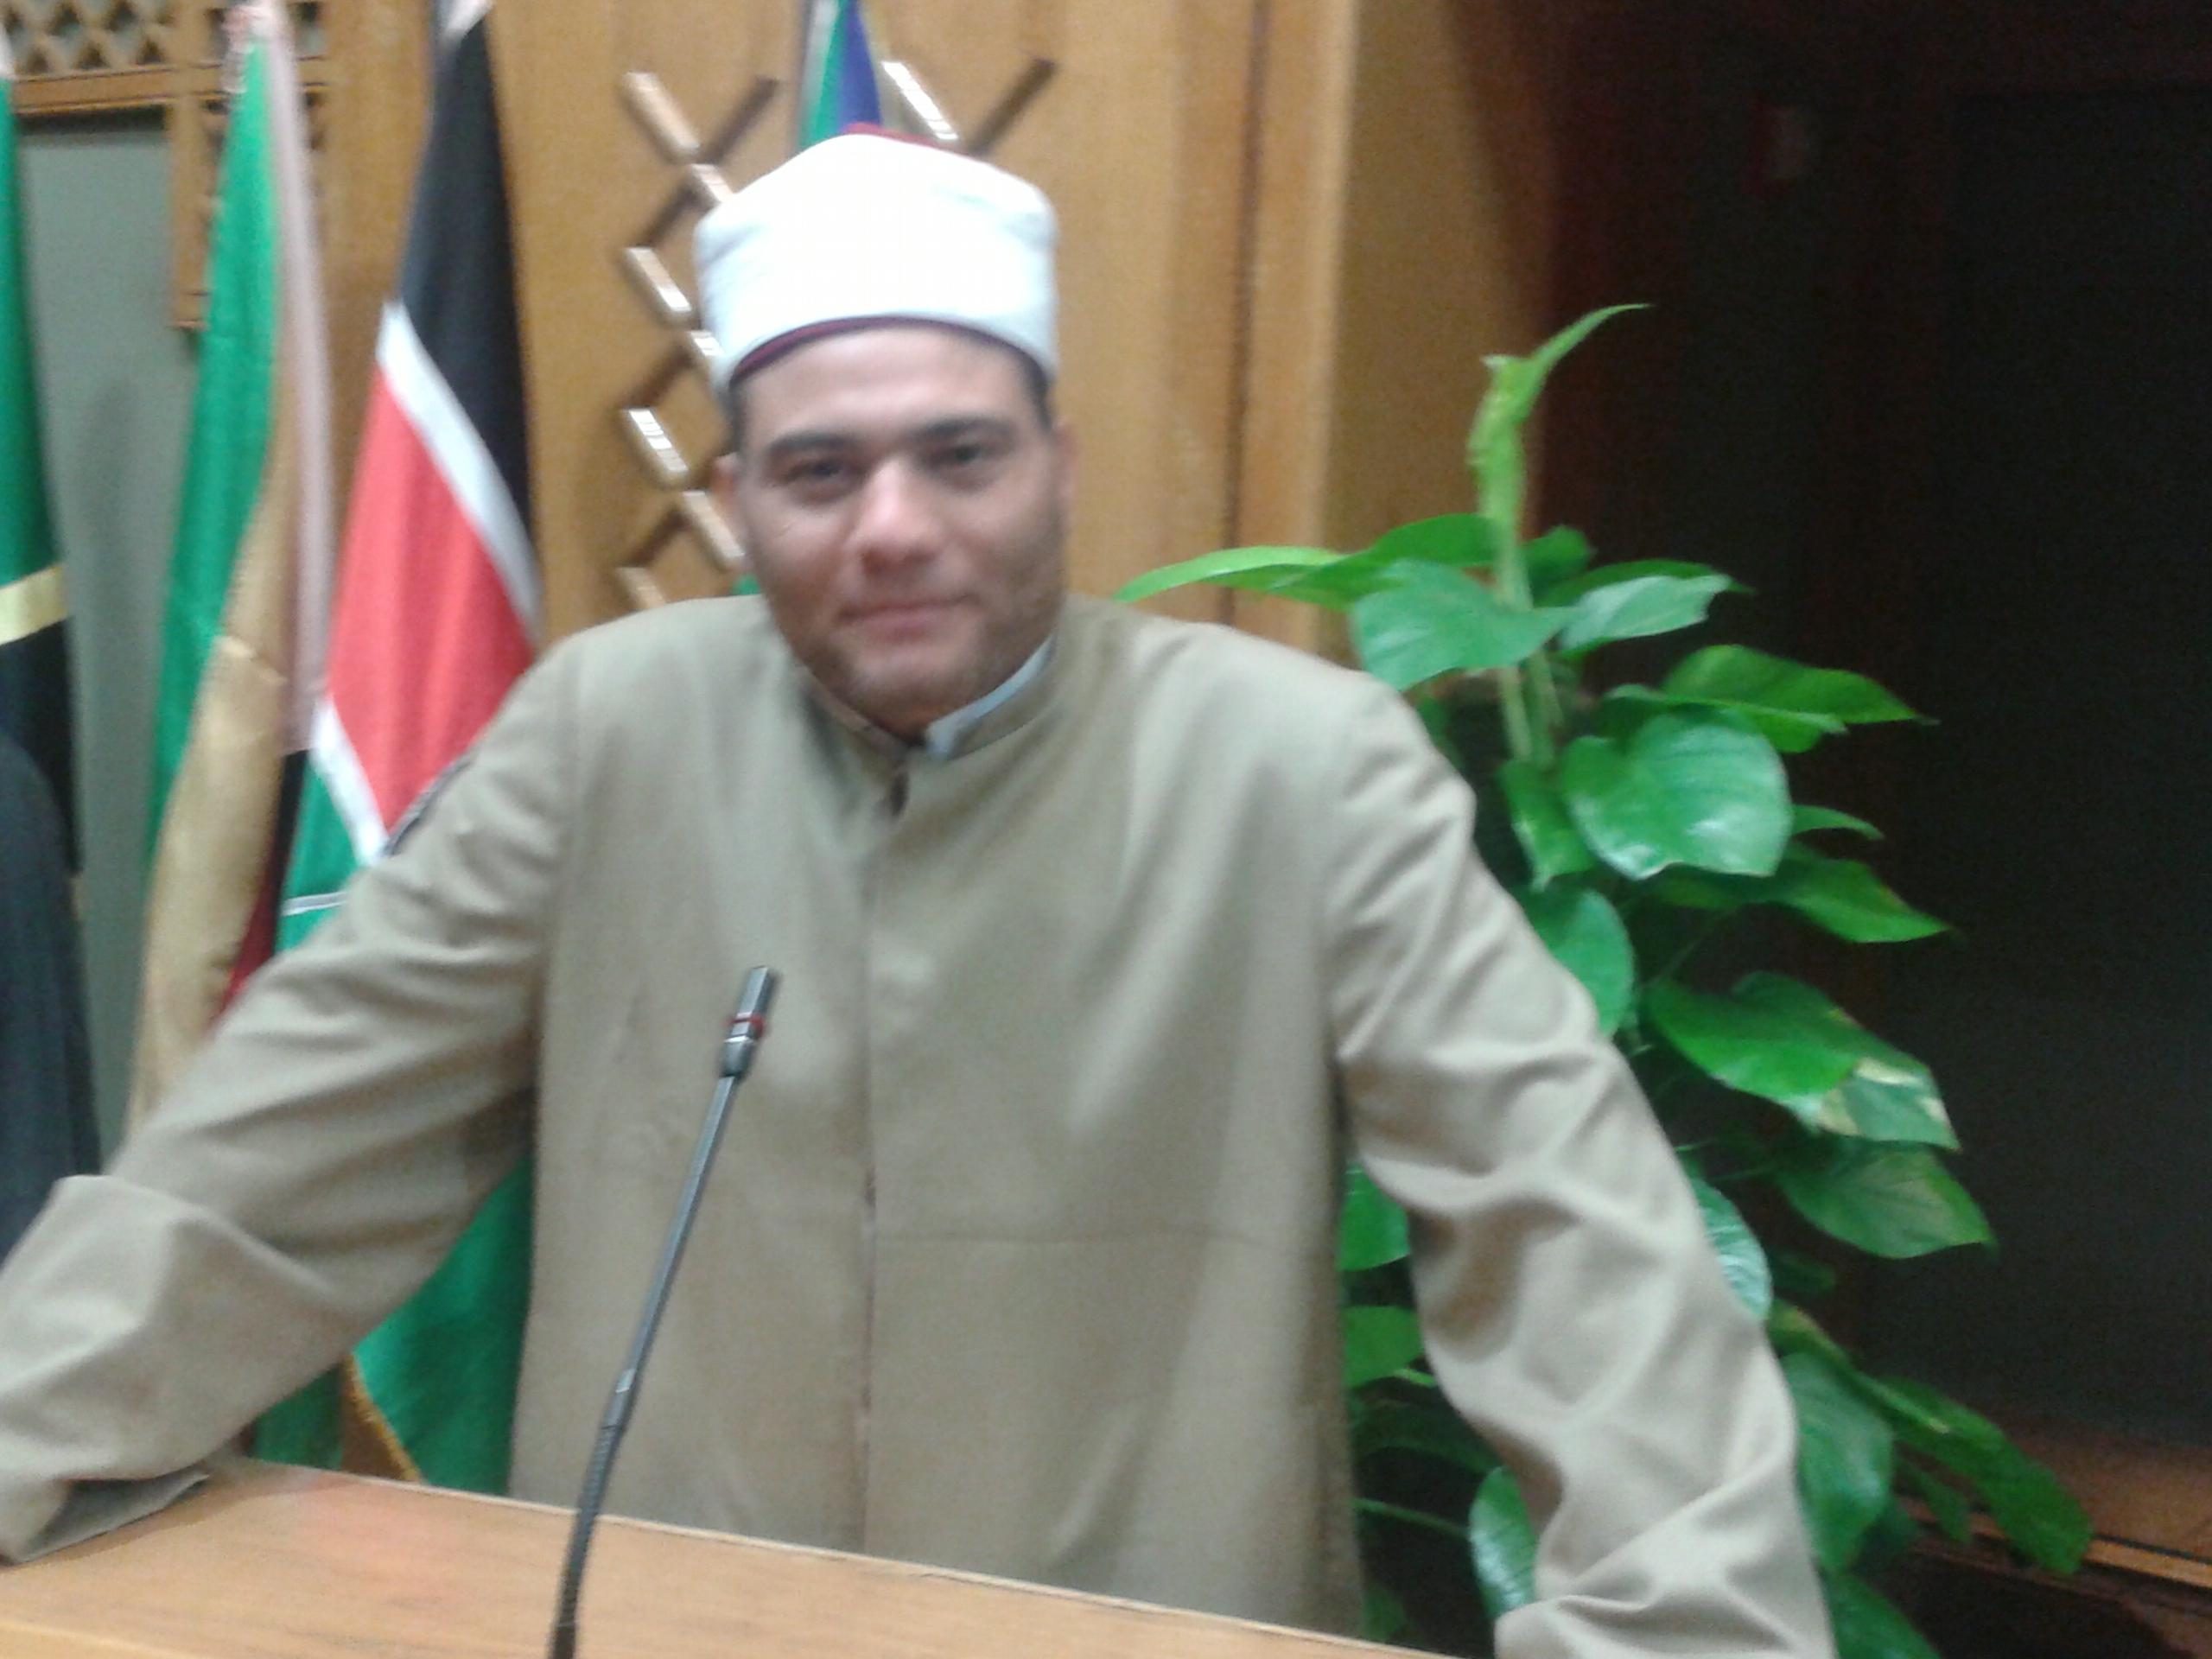 الدكتور أحمد رمضان ، خطبة الجمعة القادمة